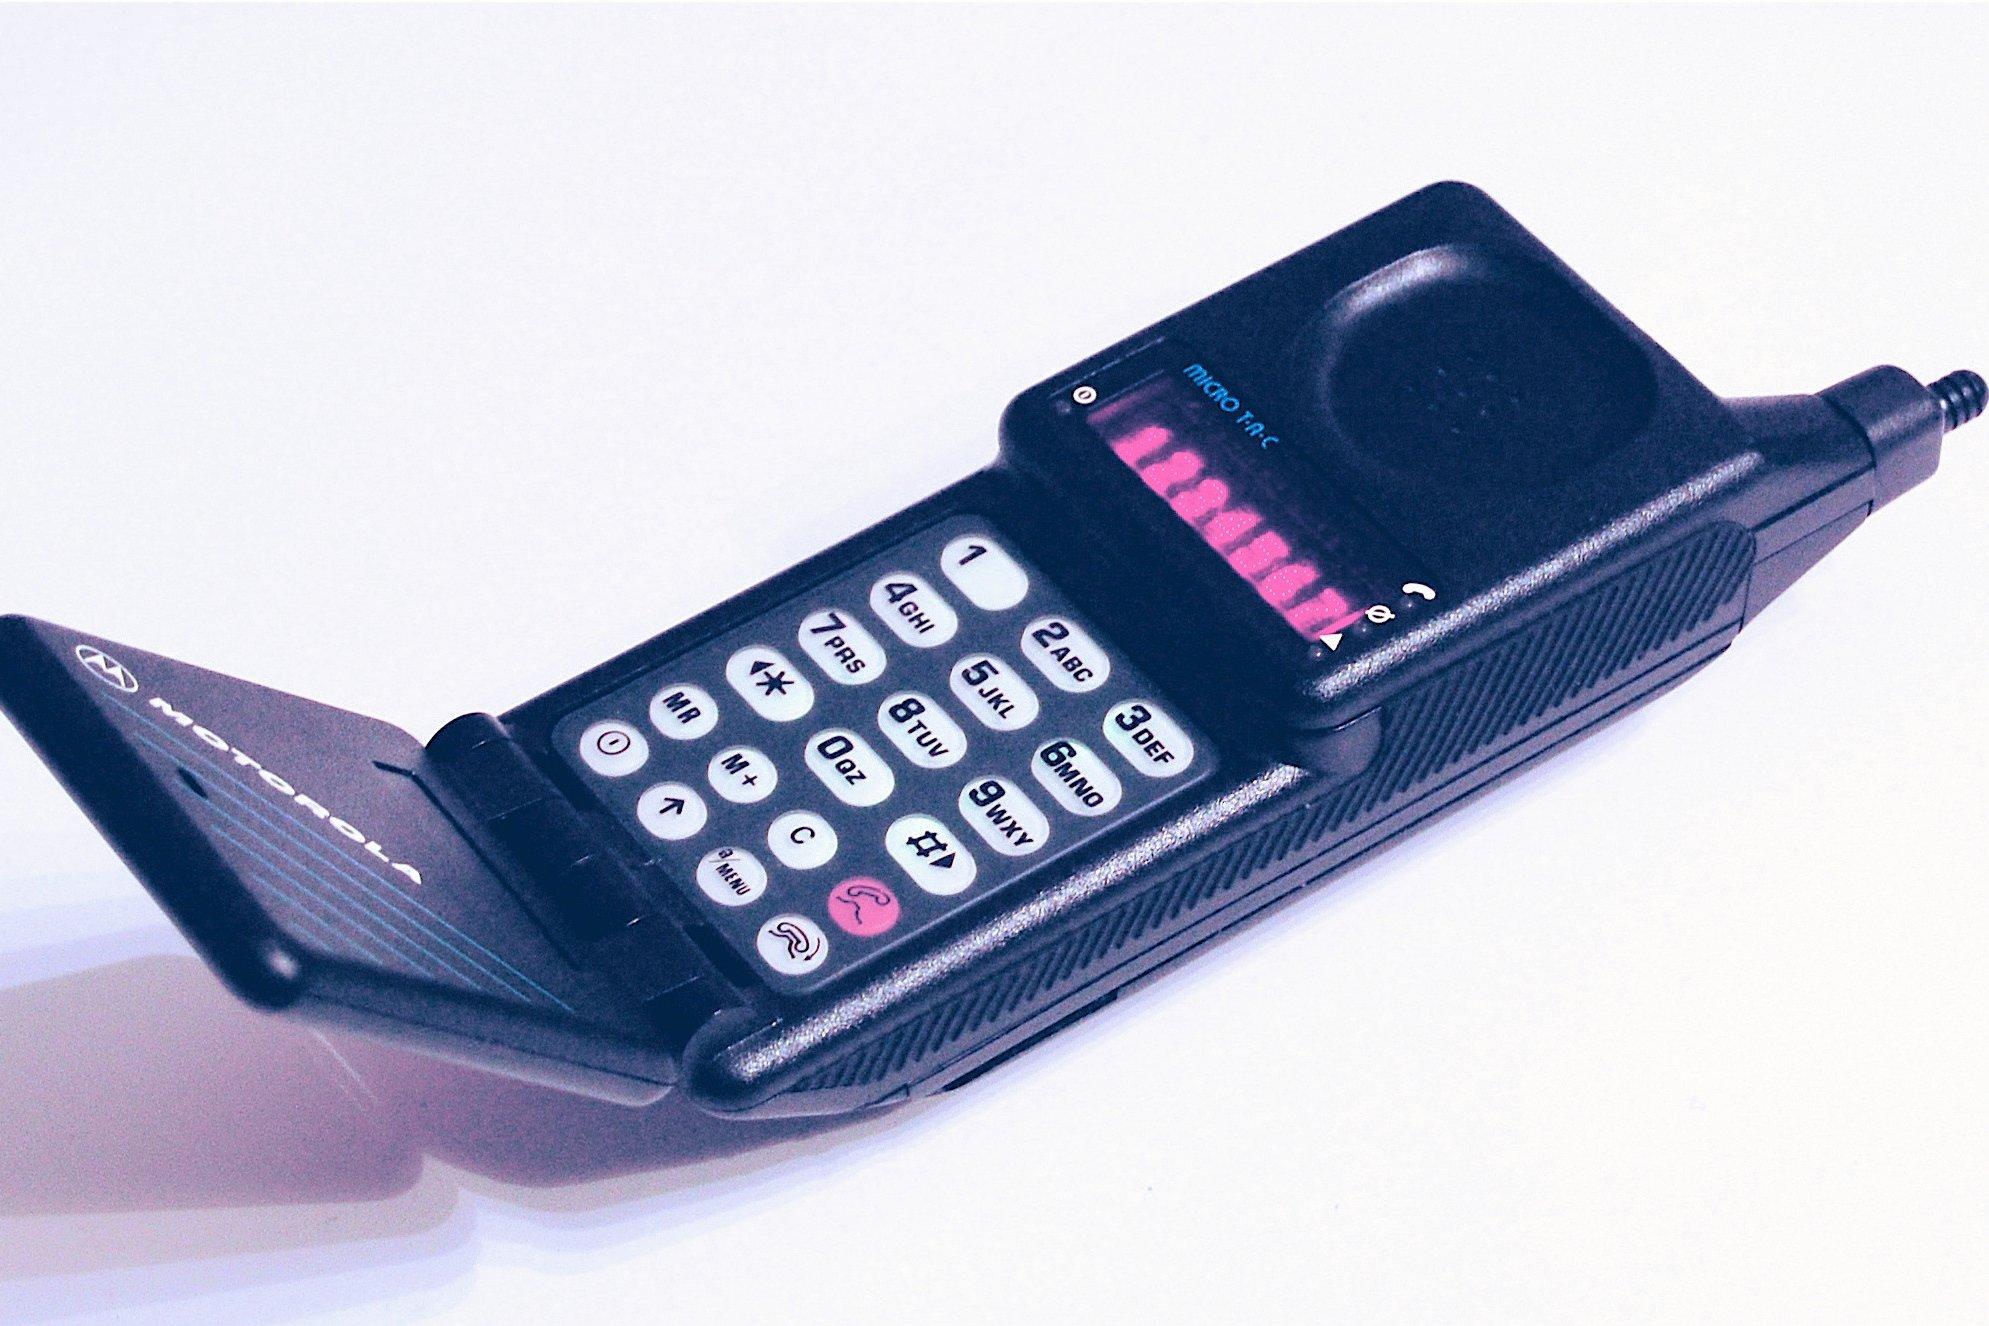 фото даказуещее что раньше были мобильные телефоны усинске началась